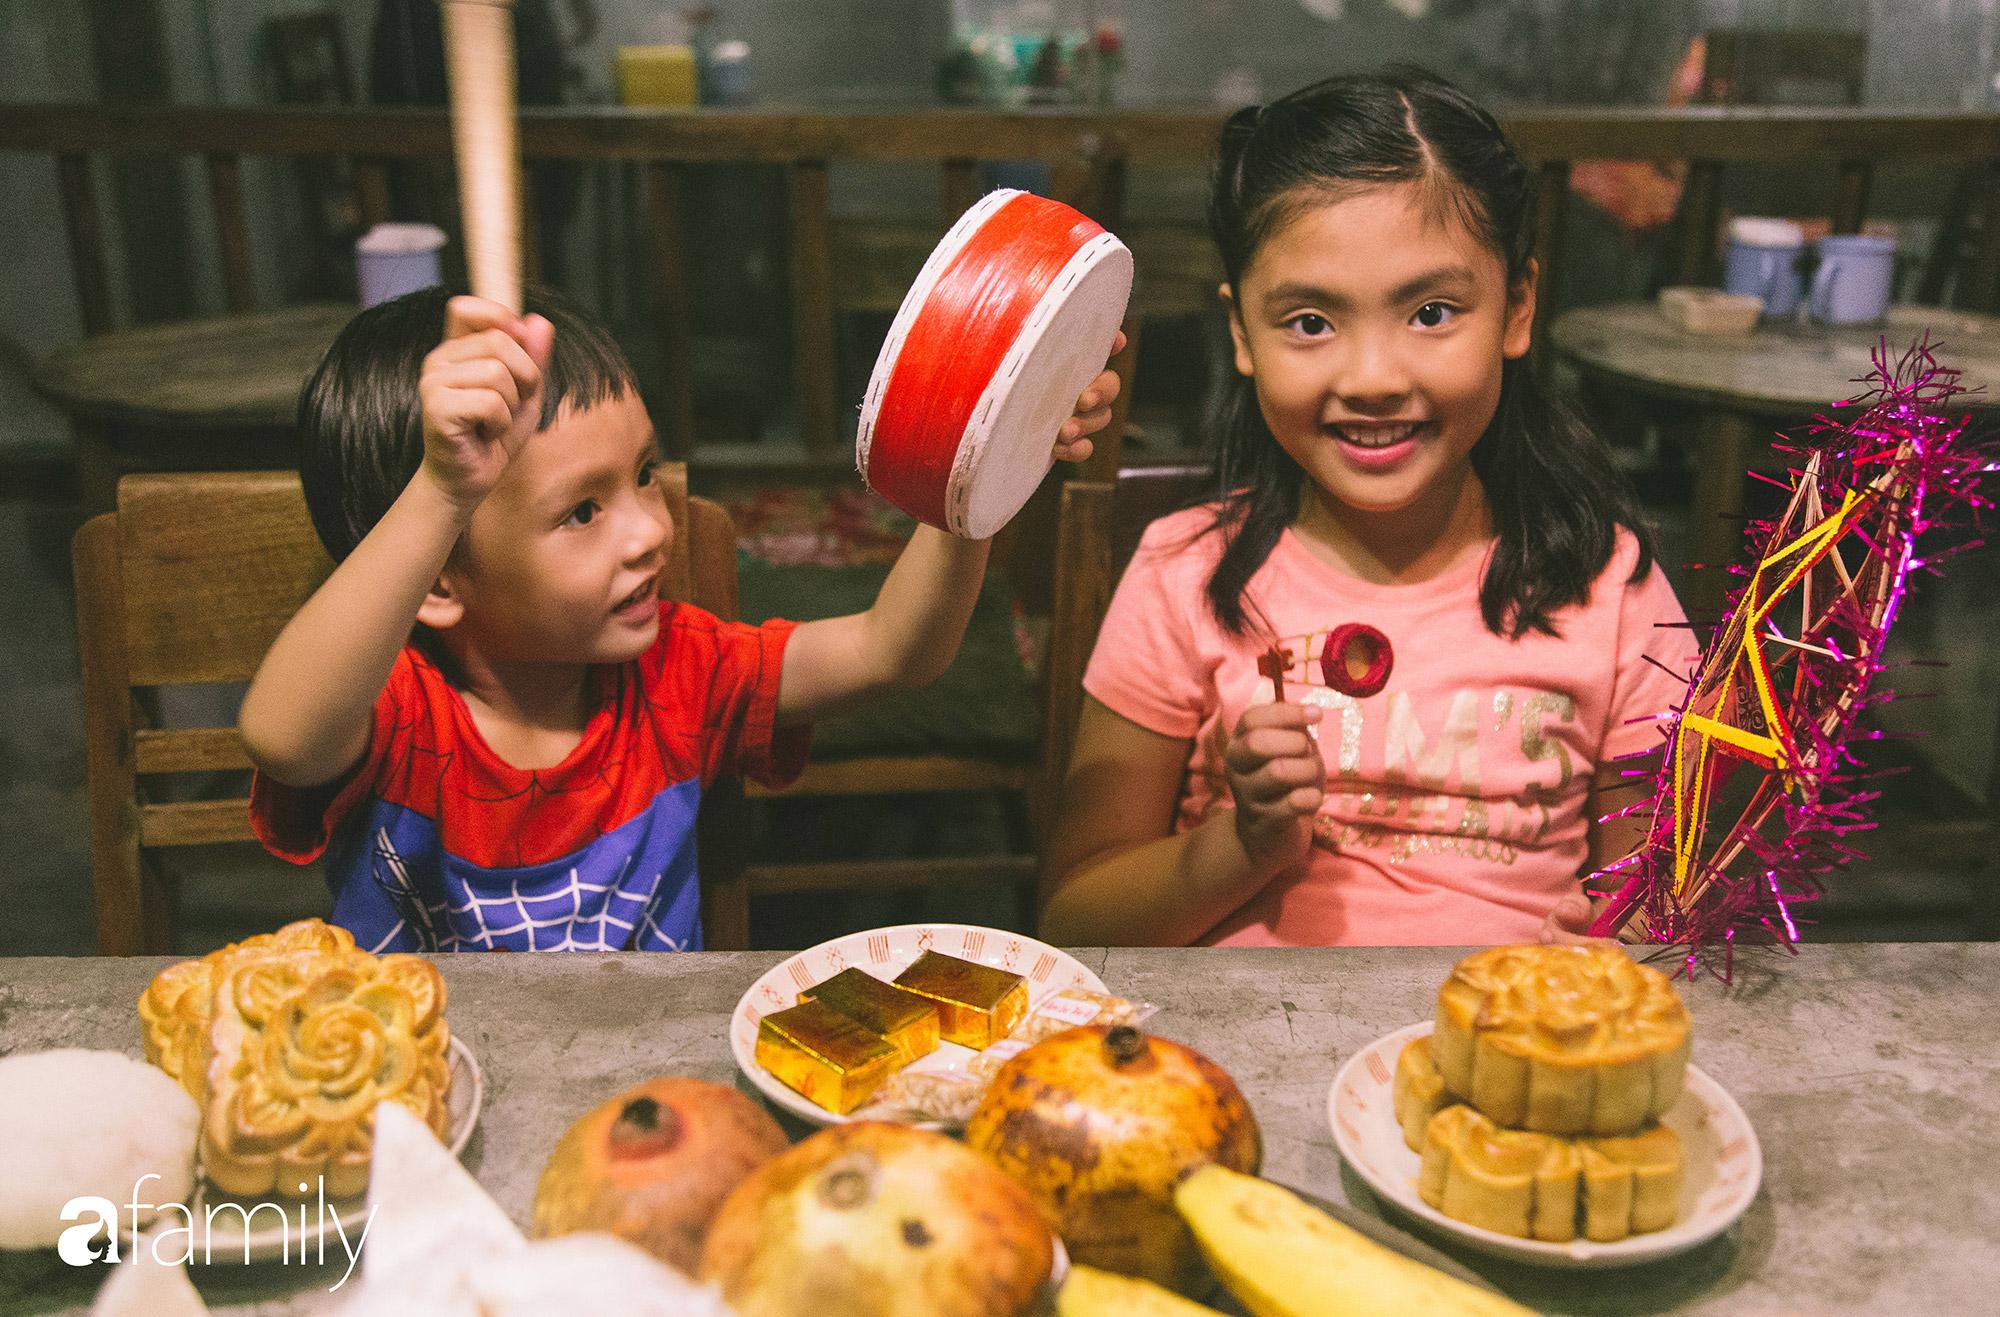 Trung thu cũ xưa ngay giữa lòng Hà Nội, nơi các em nhỏ được tận hưởng niềm vui còn bố mẹ thì được trở lại tuổi thơ chỉ với 40.000 đồng - Ảnh 1.